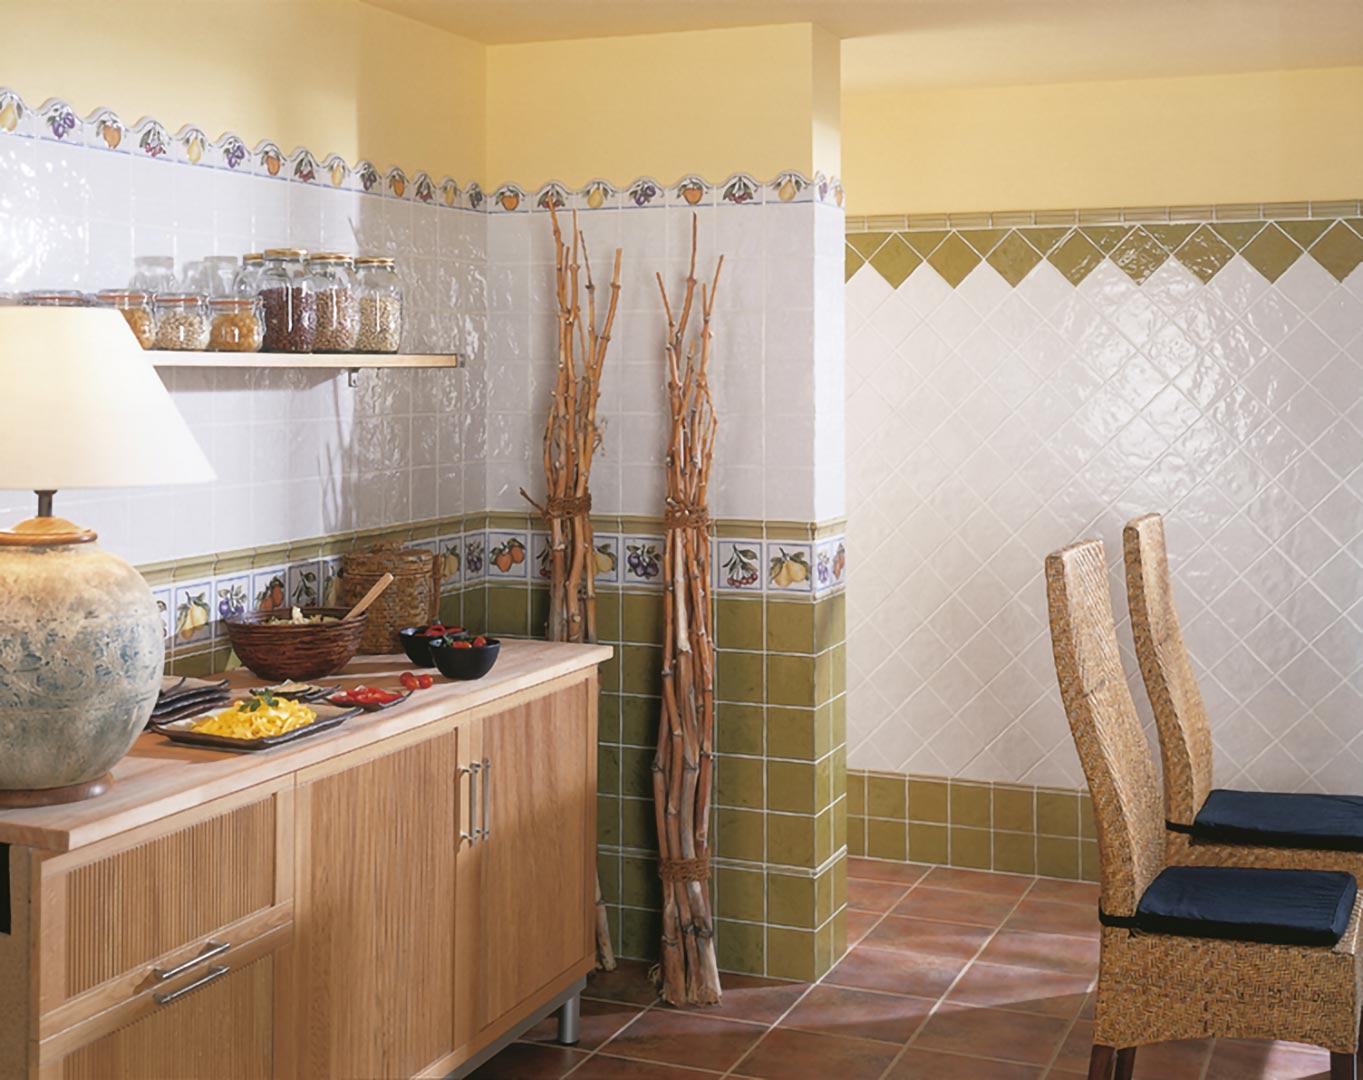 Ceramic heritage for Kitchens | Aranda